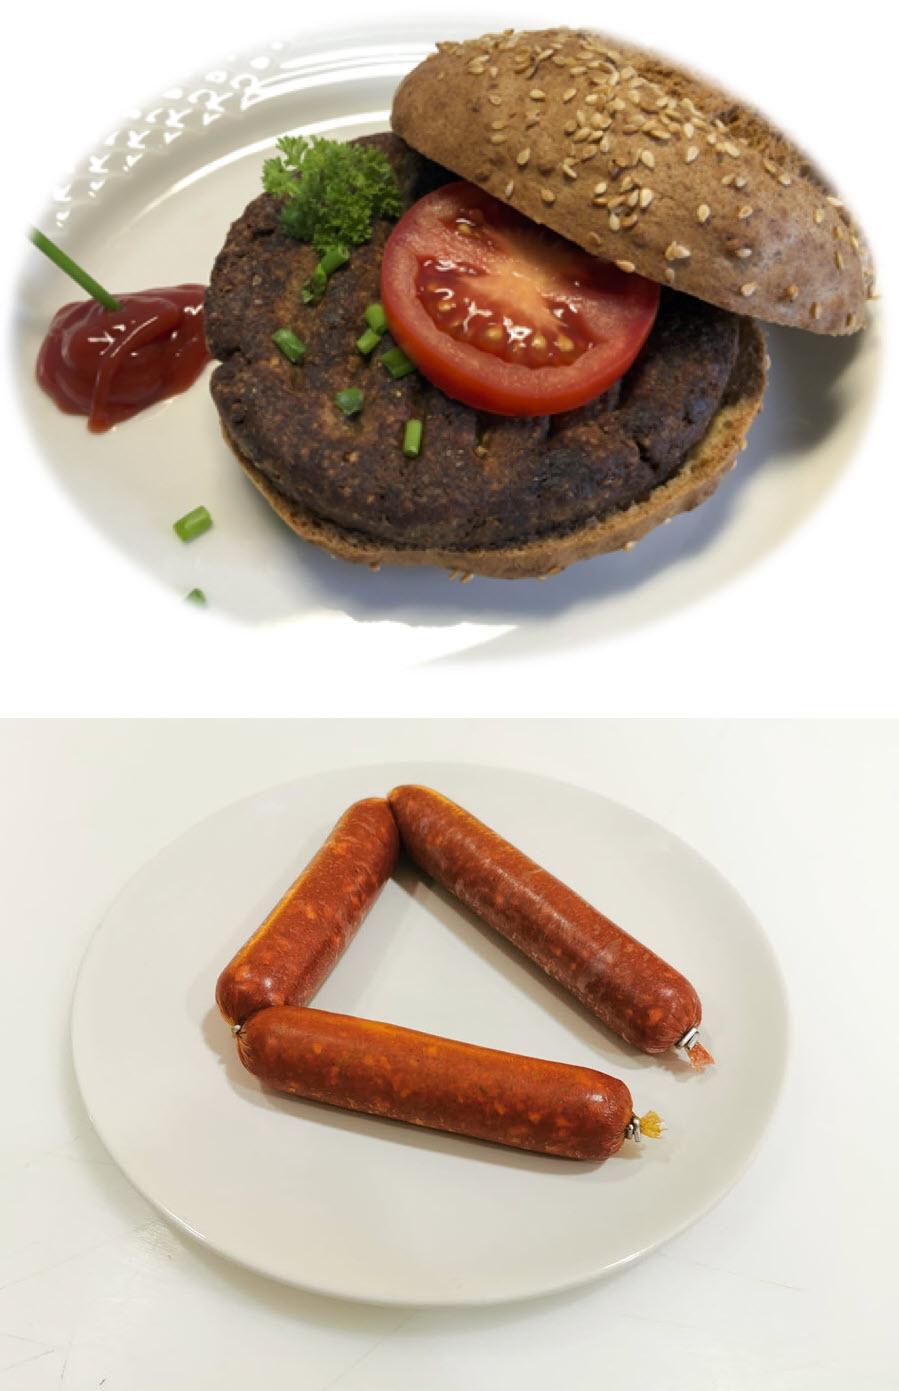 nasu-burger-wurst